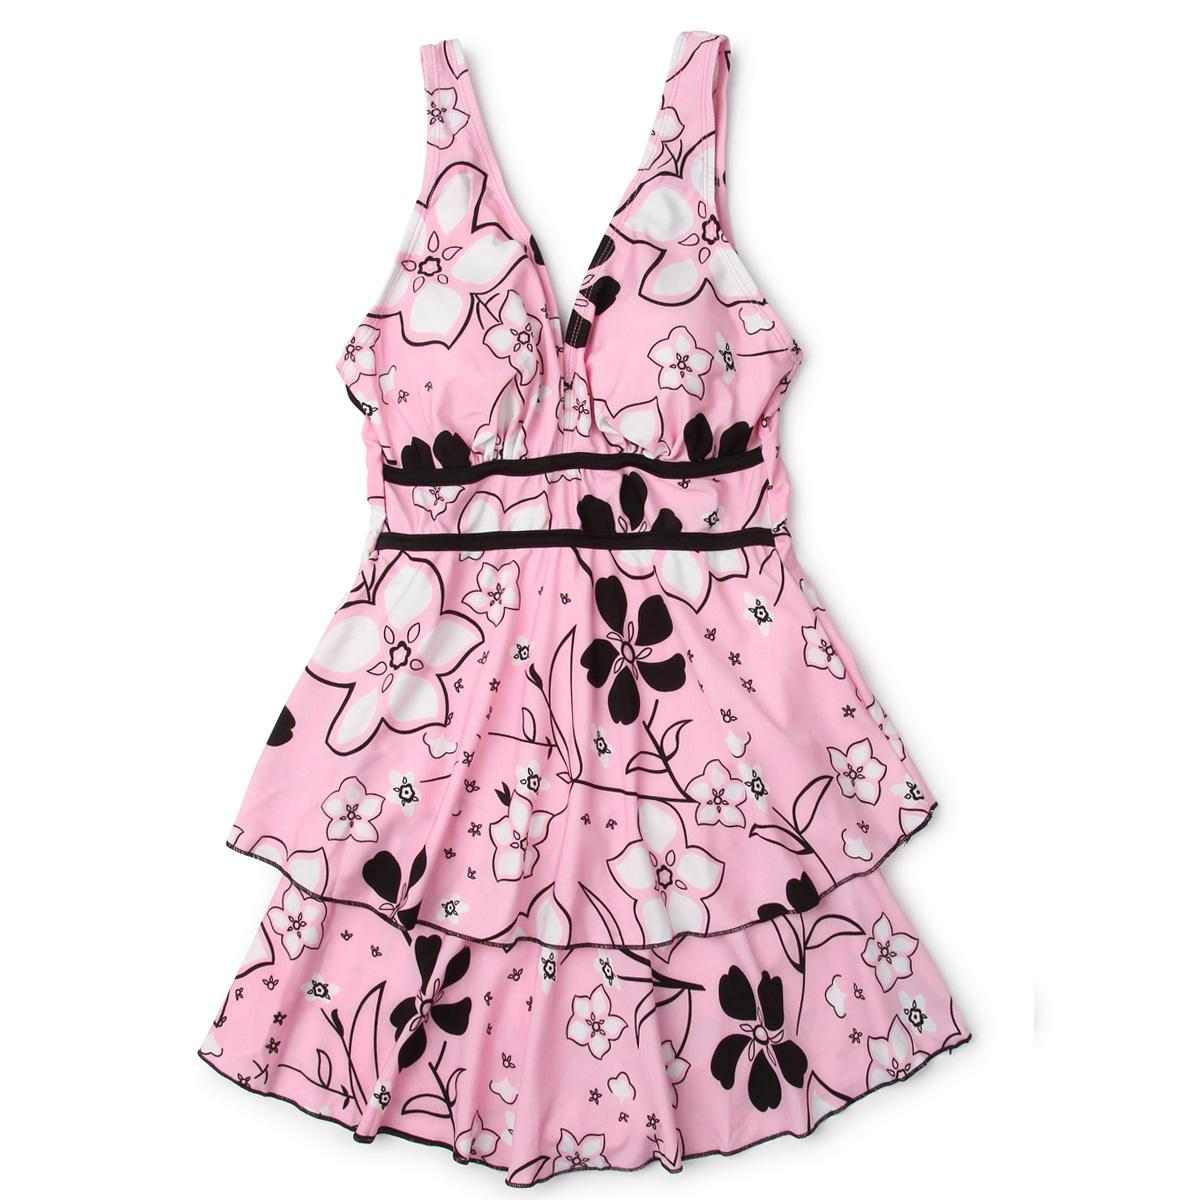 Цвет: Розовые цветы ] -2 / одежды